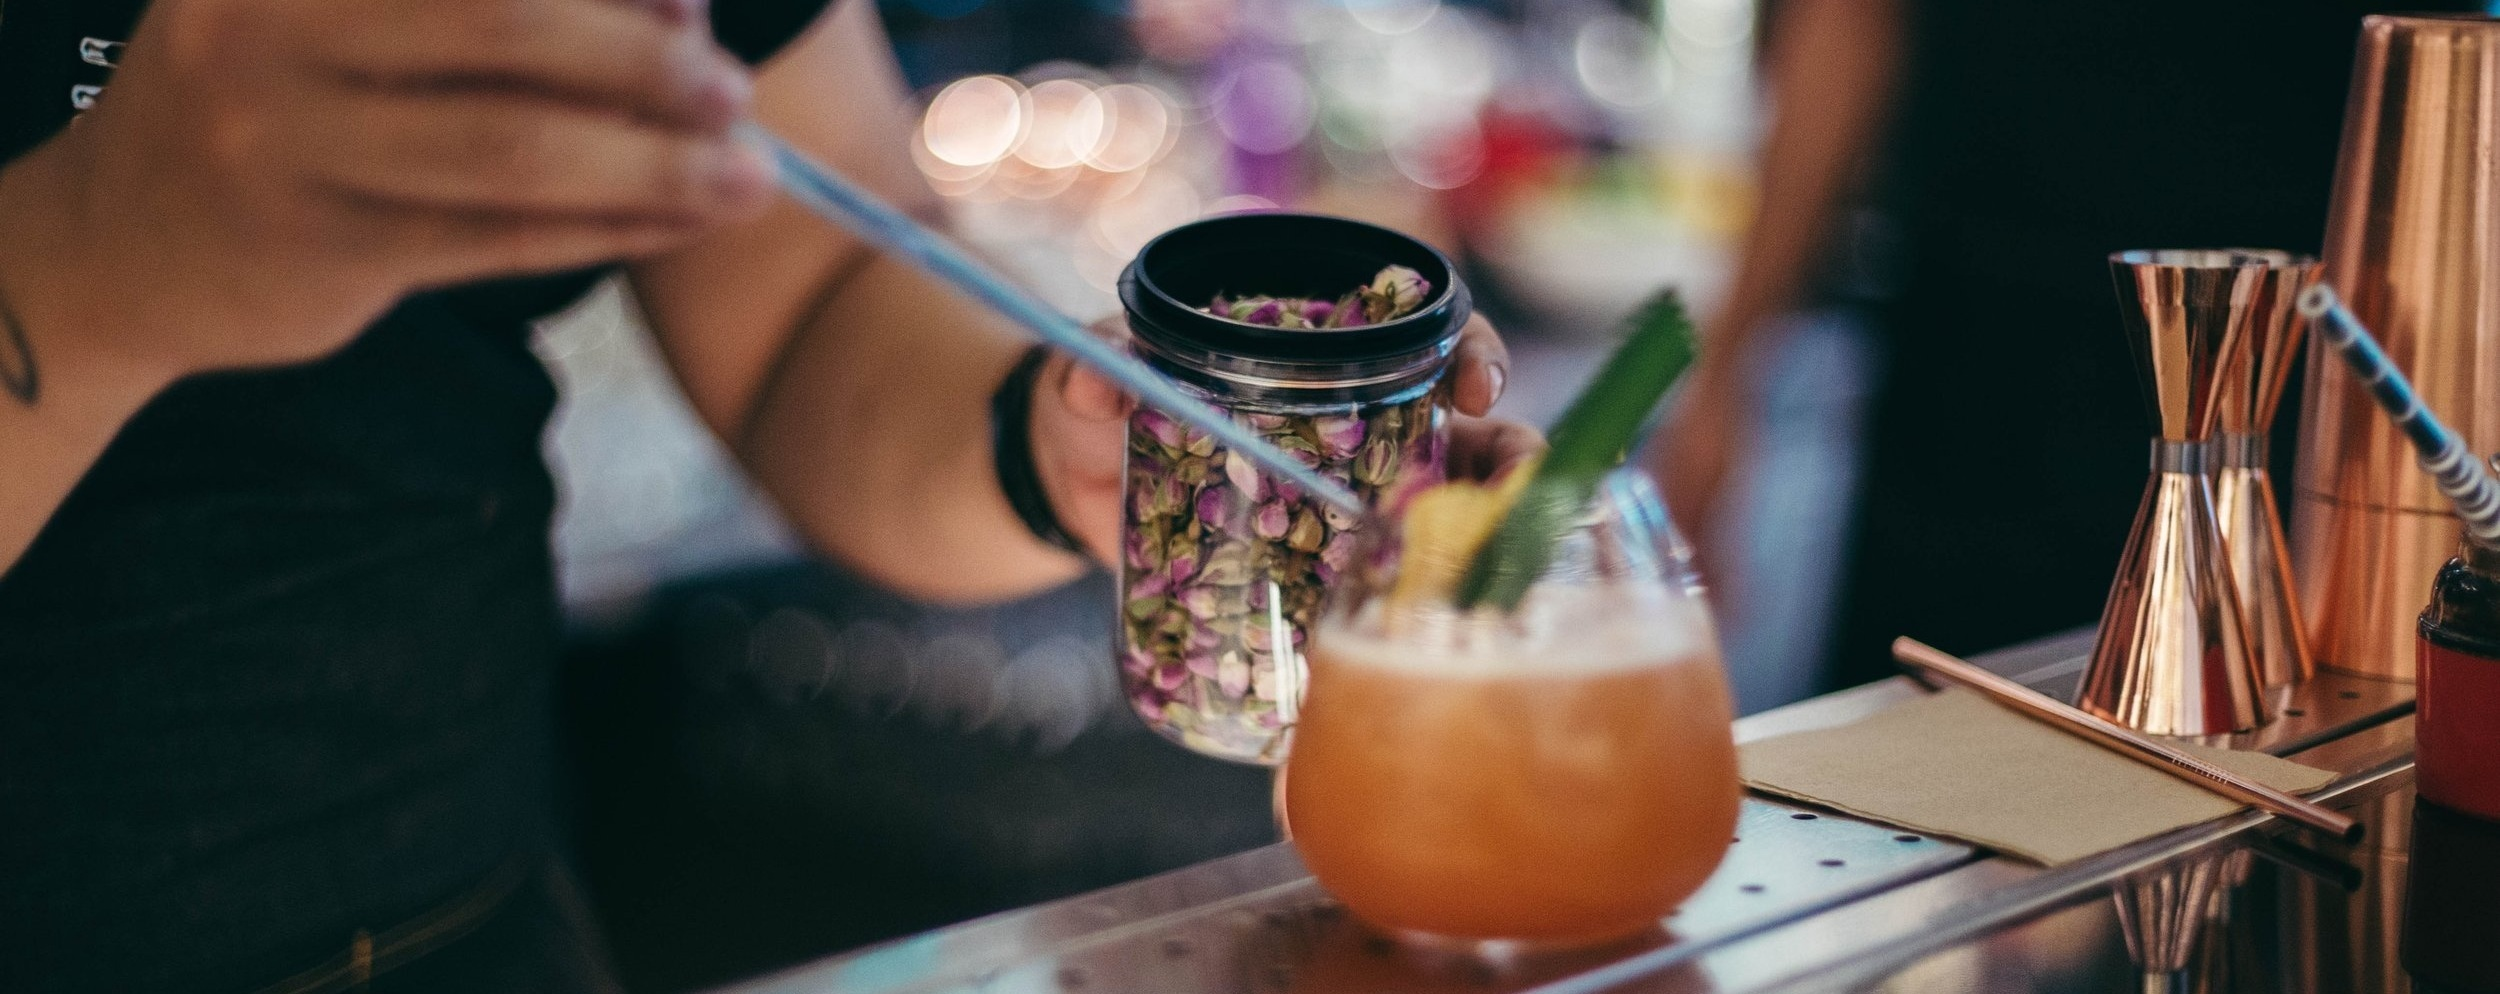 Le Sweetbar-  Service cocktail - événement